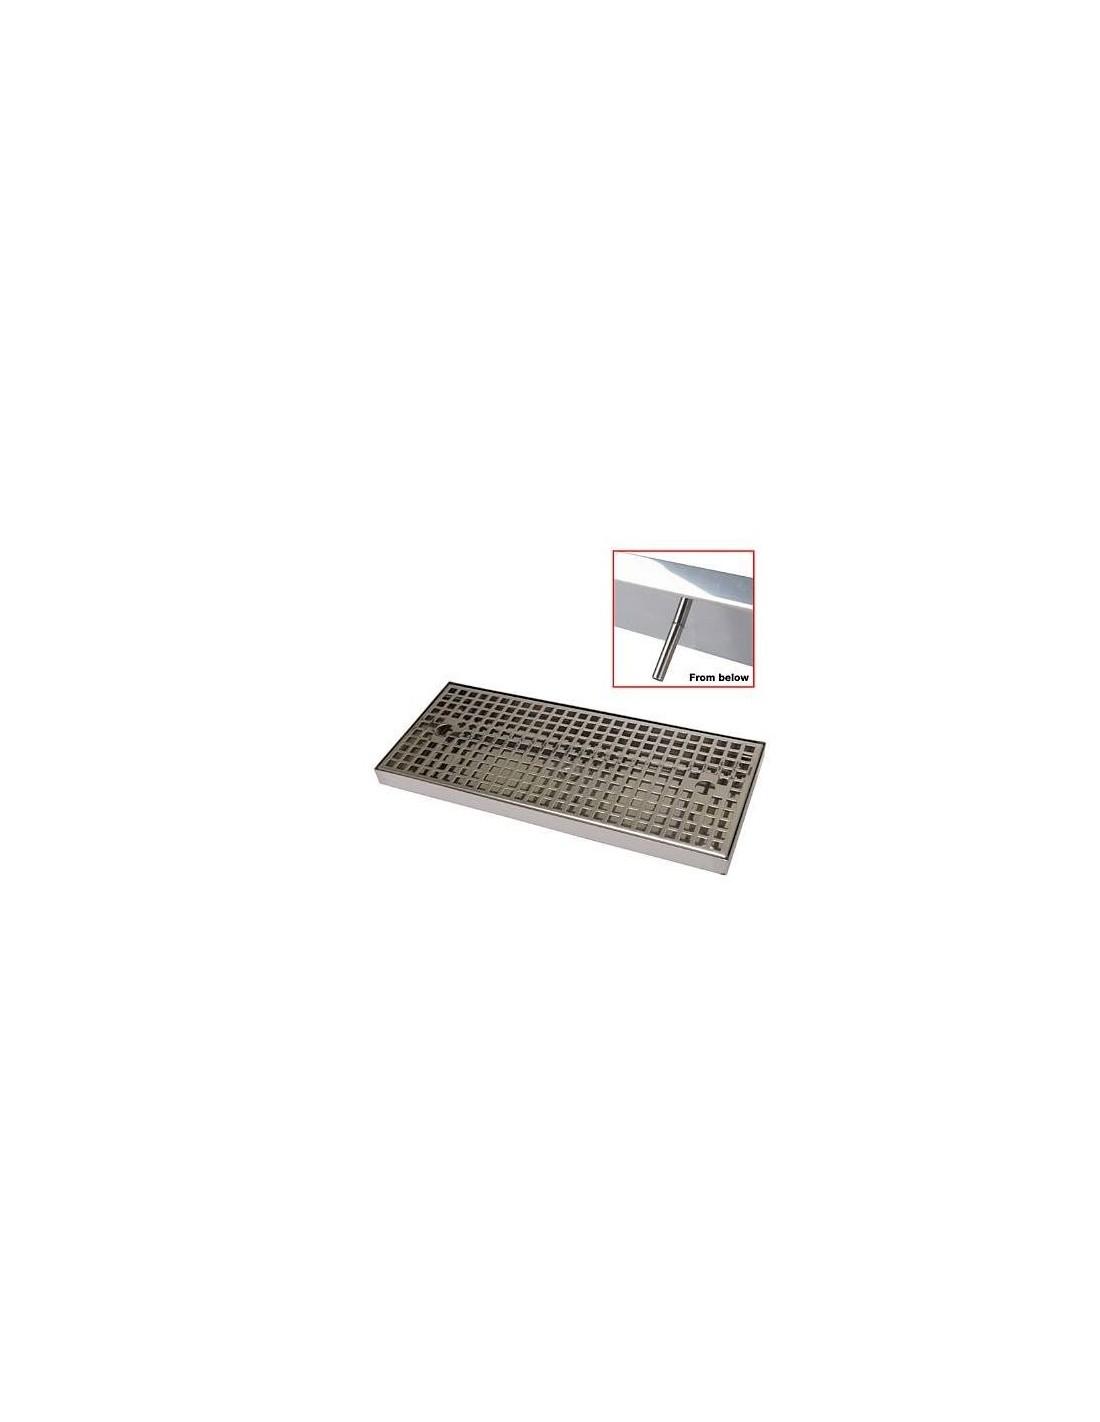 UPP00210 - Spillbrickor - Spillbricka i rostfritt 500x170x25mm med avlopp